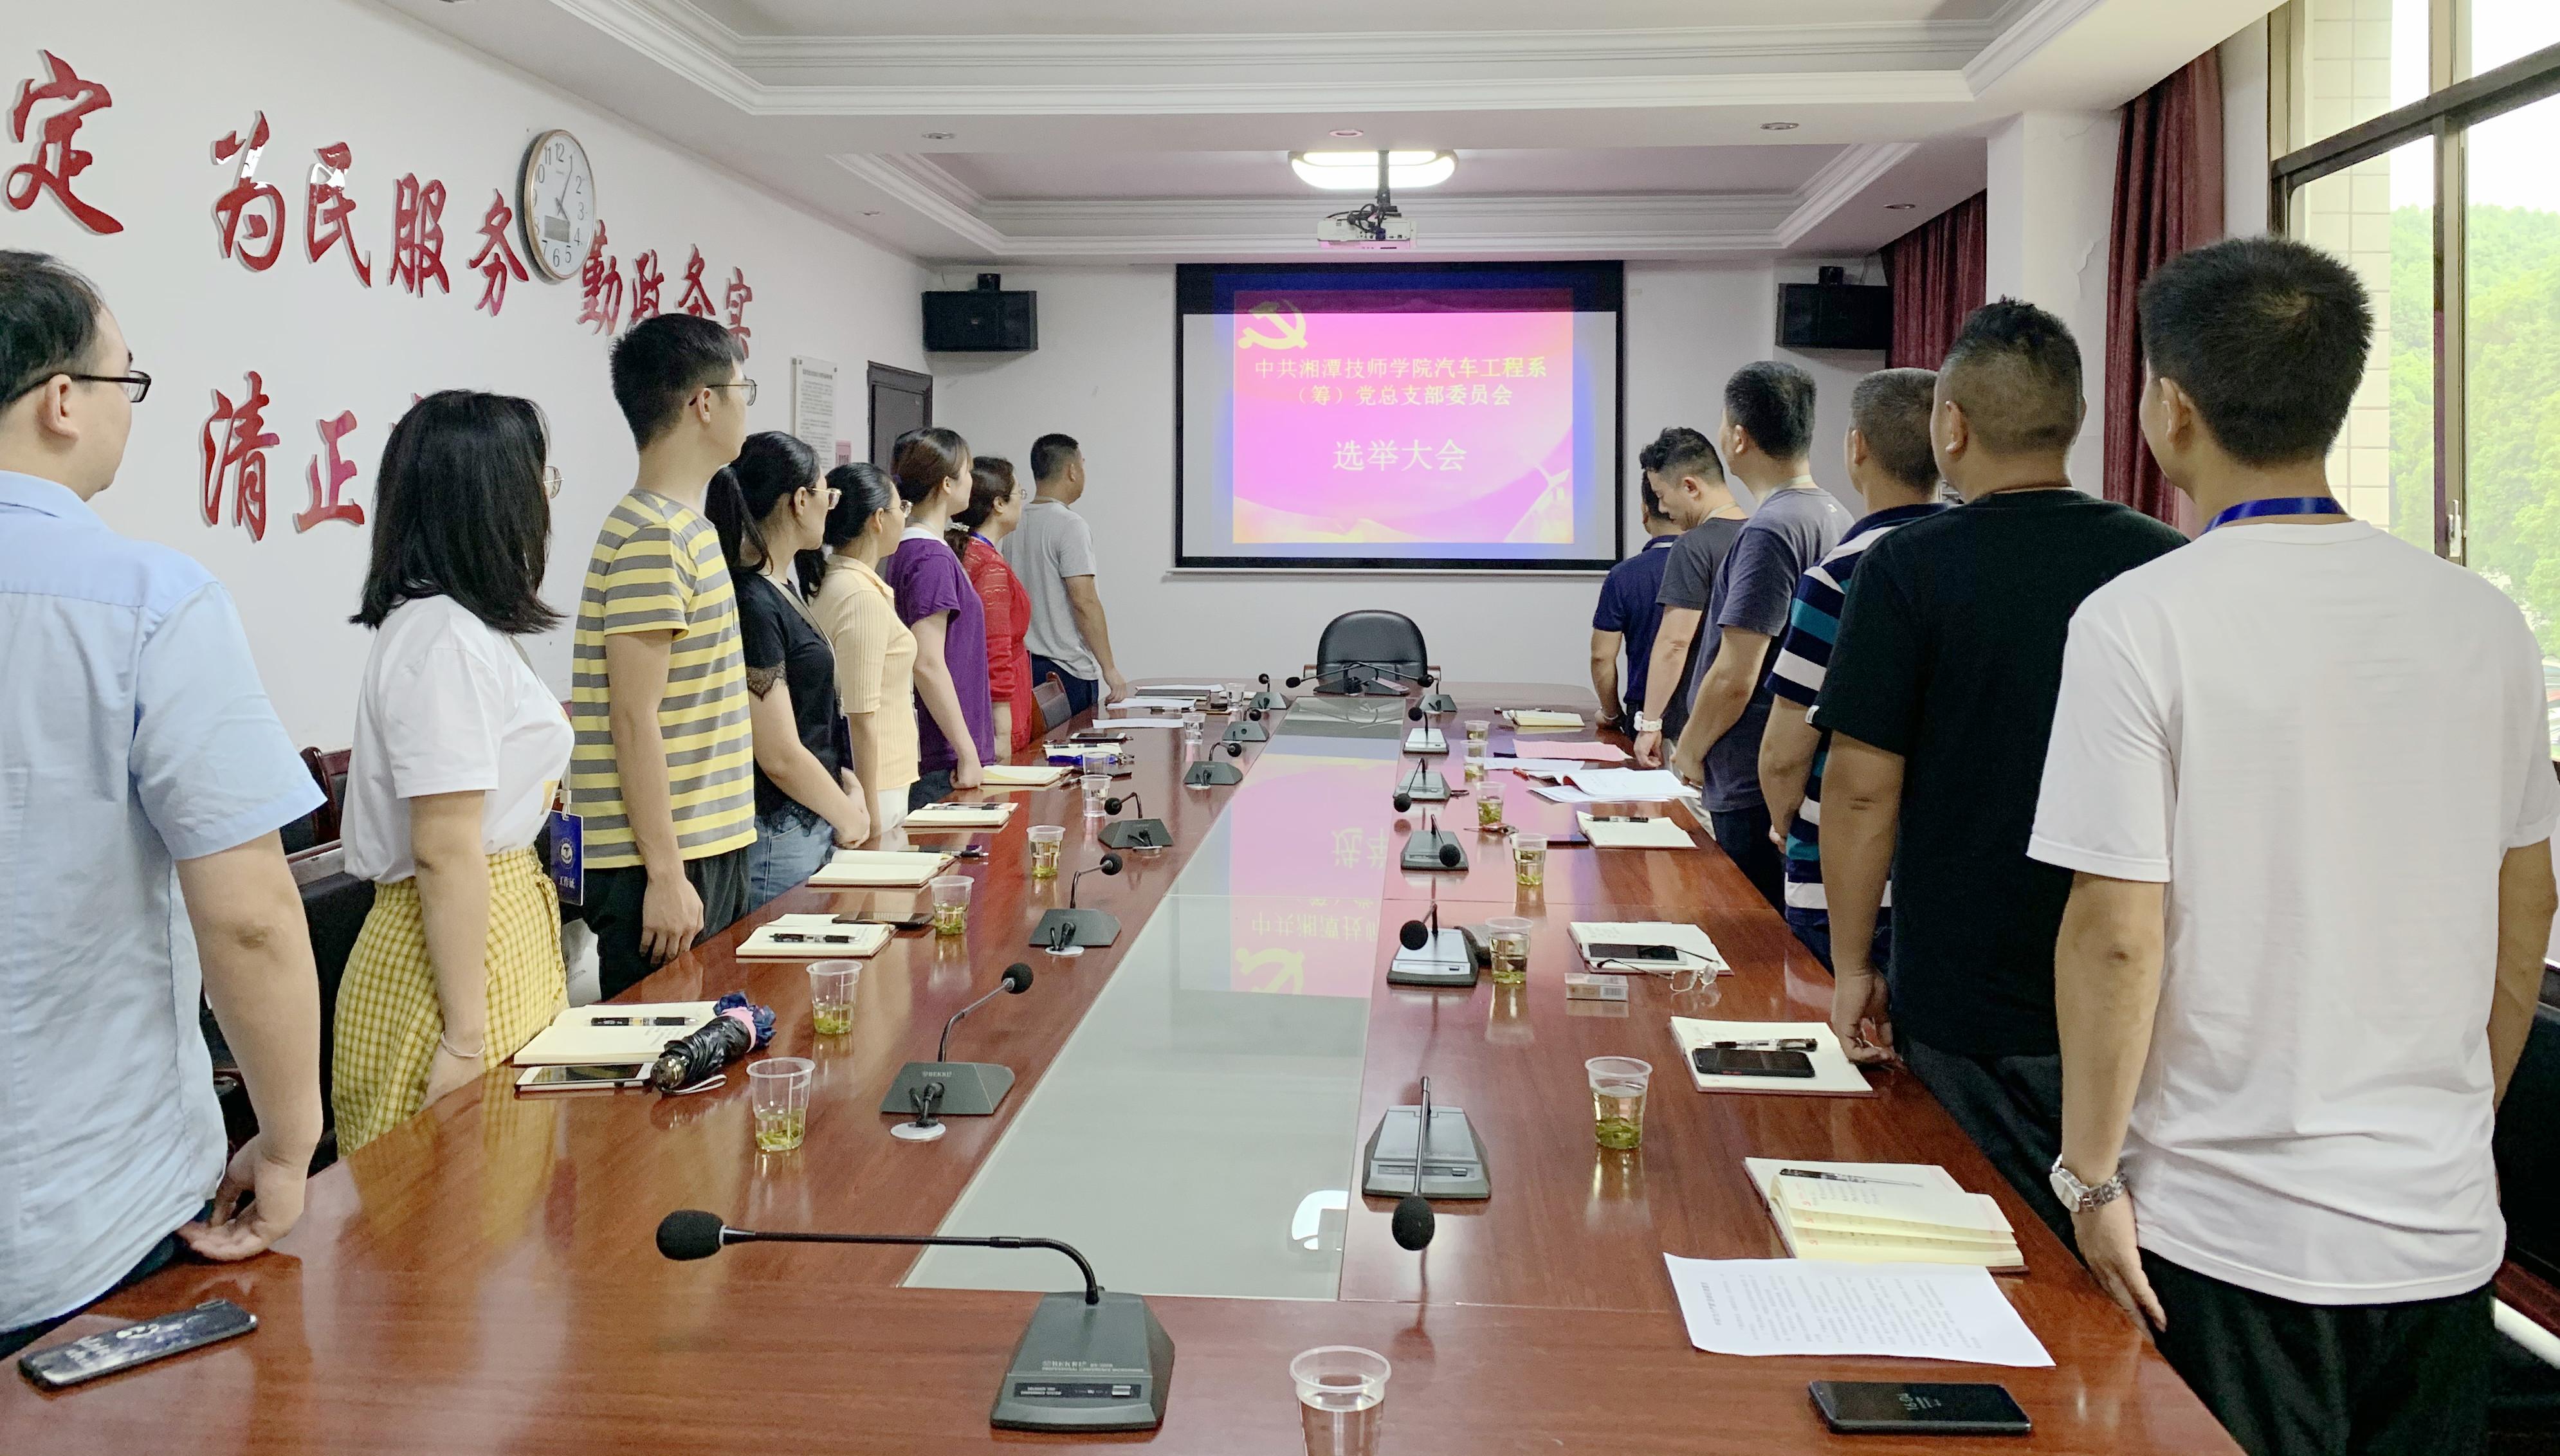 汽车工程系(筹)选举产生党总支委员会